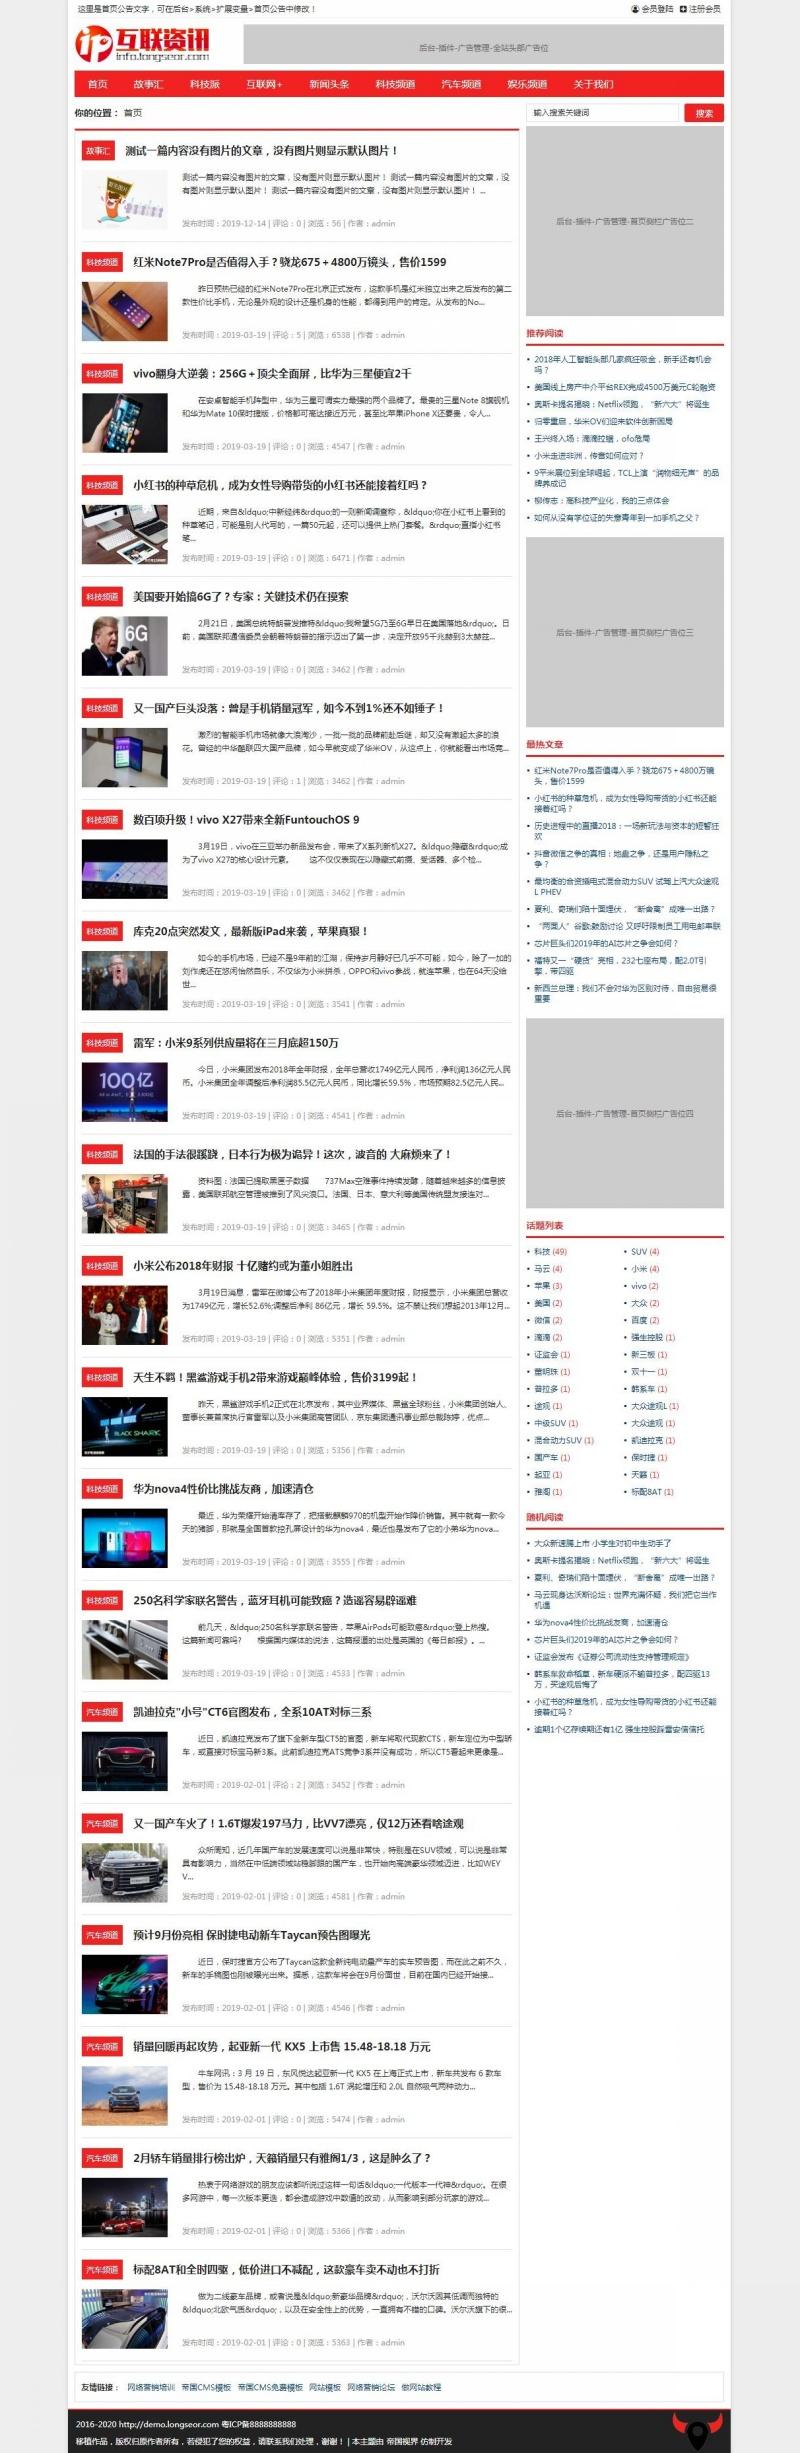 网站首页.jpg [DG-051]帝国CMS仿煎蛋网红色版经典新闻资讯模板(带会员中心) 免费模板 第1张